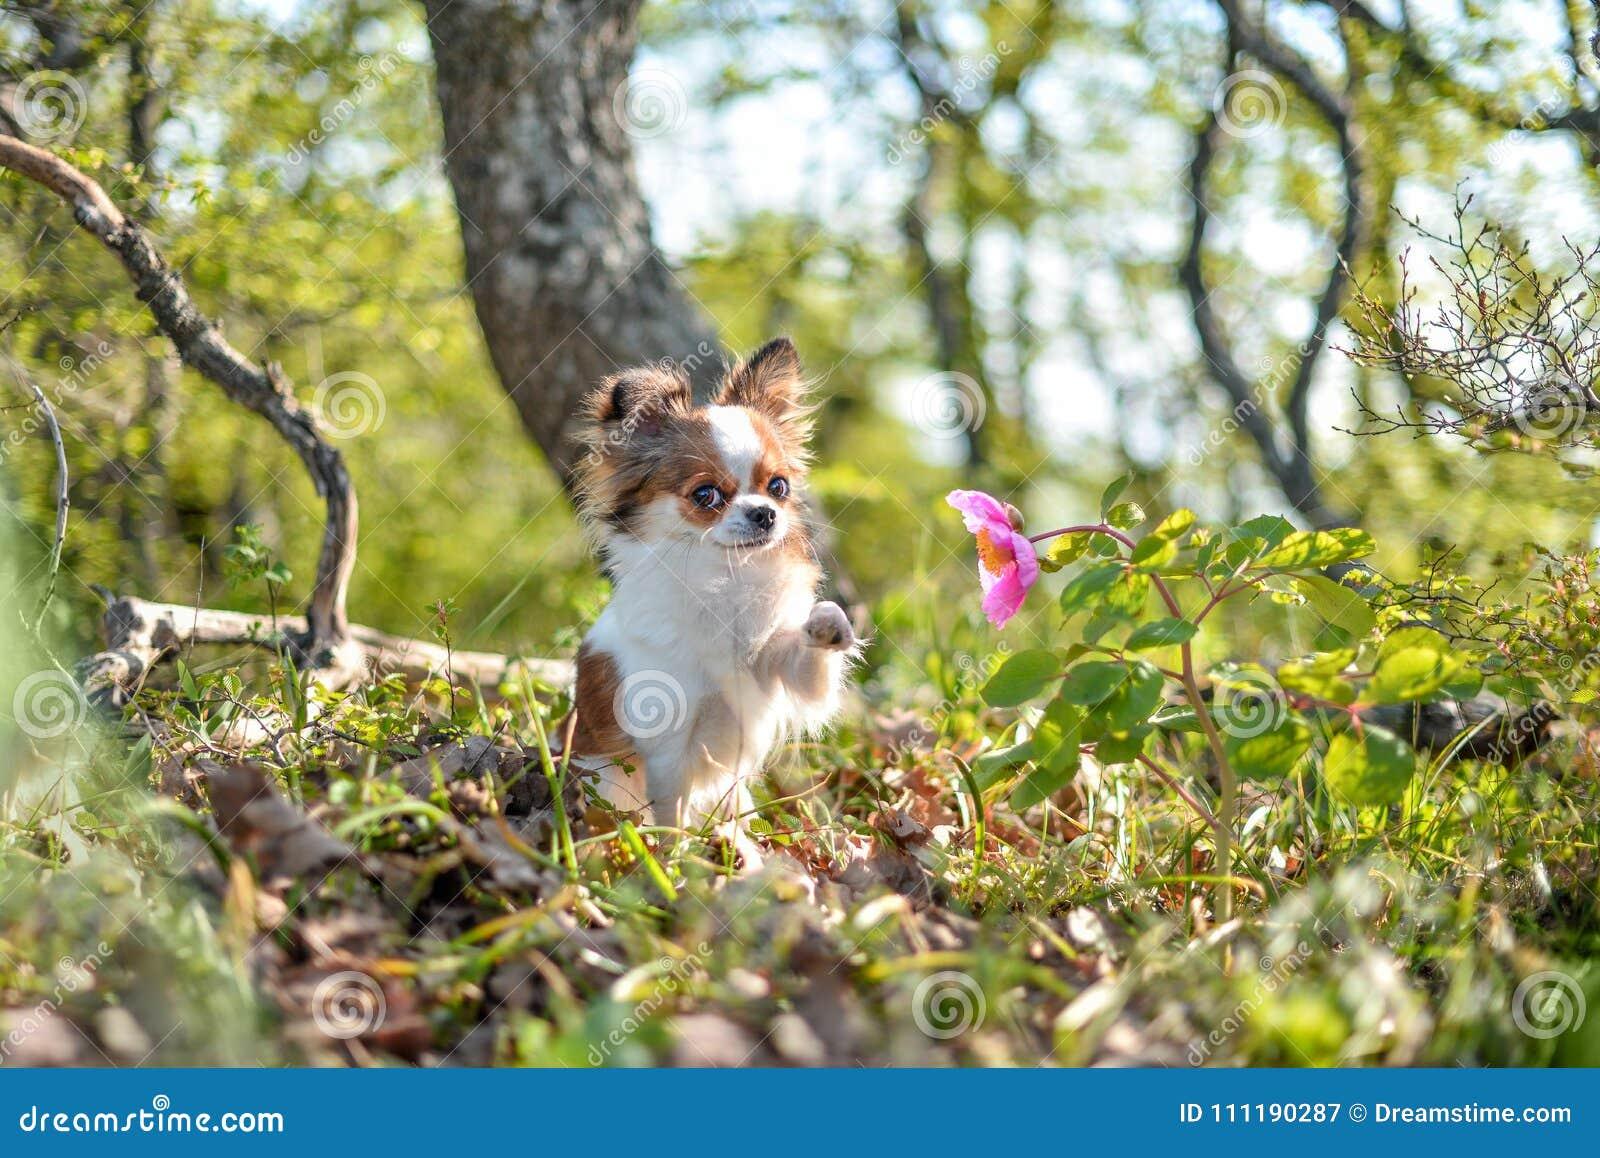 Chihuahua riechen eine Blume